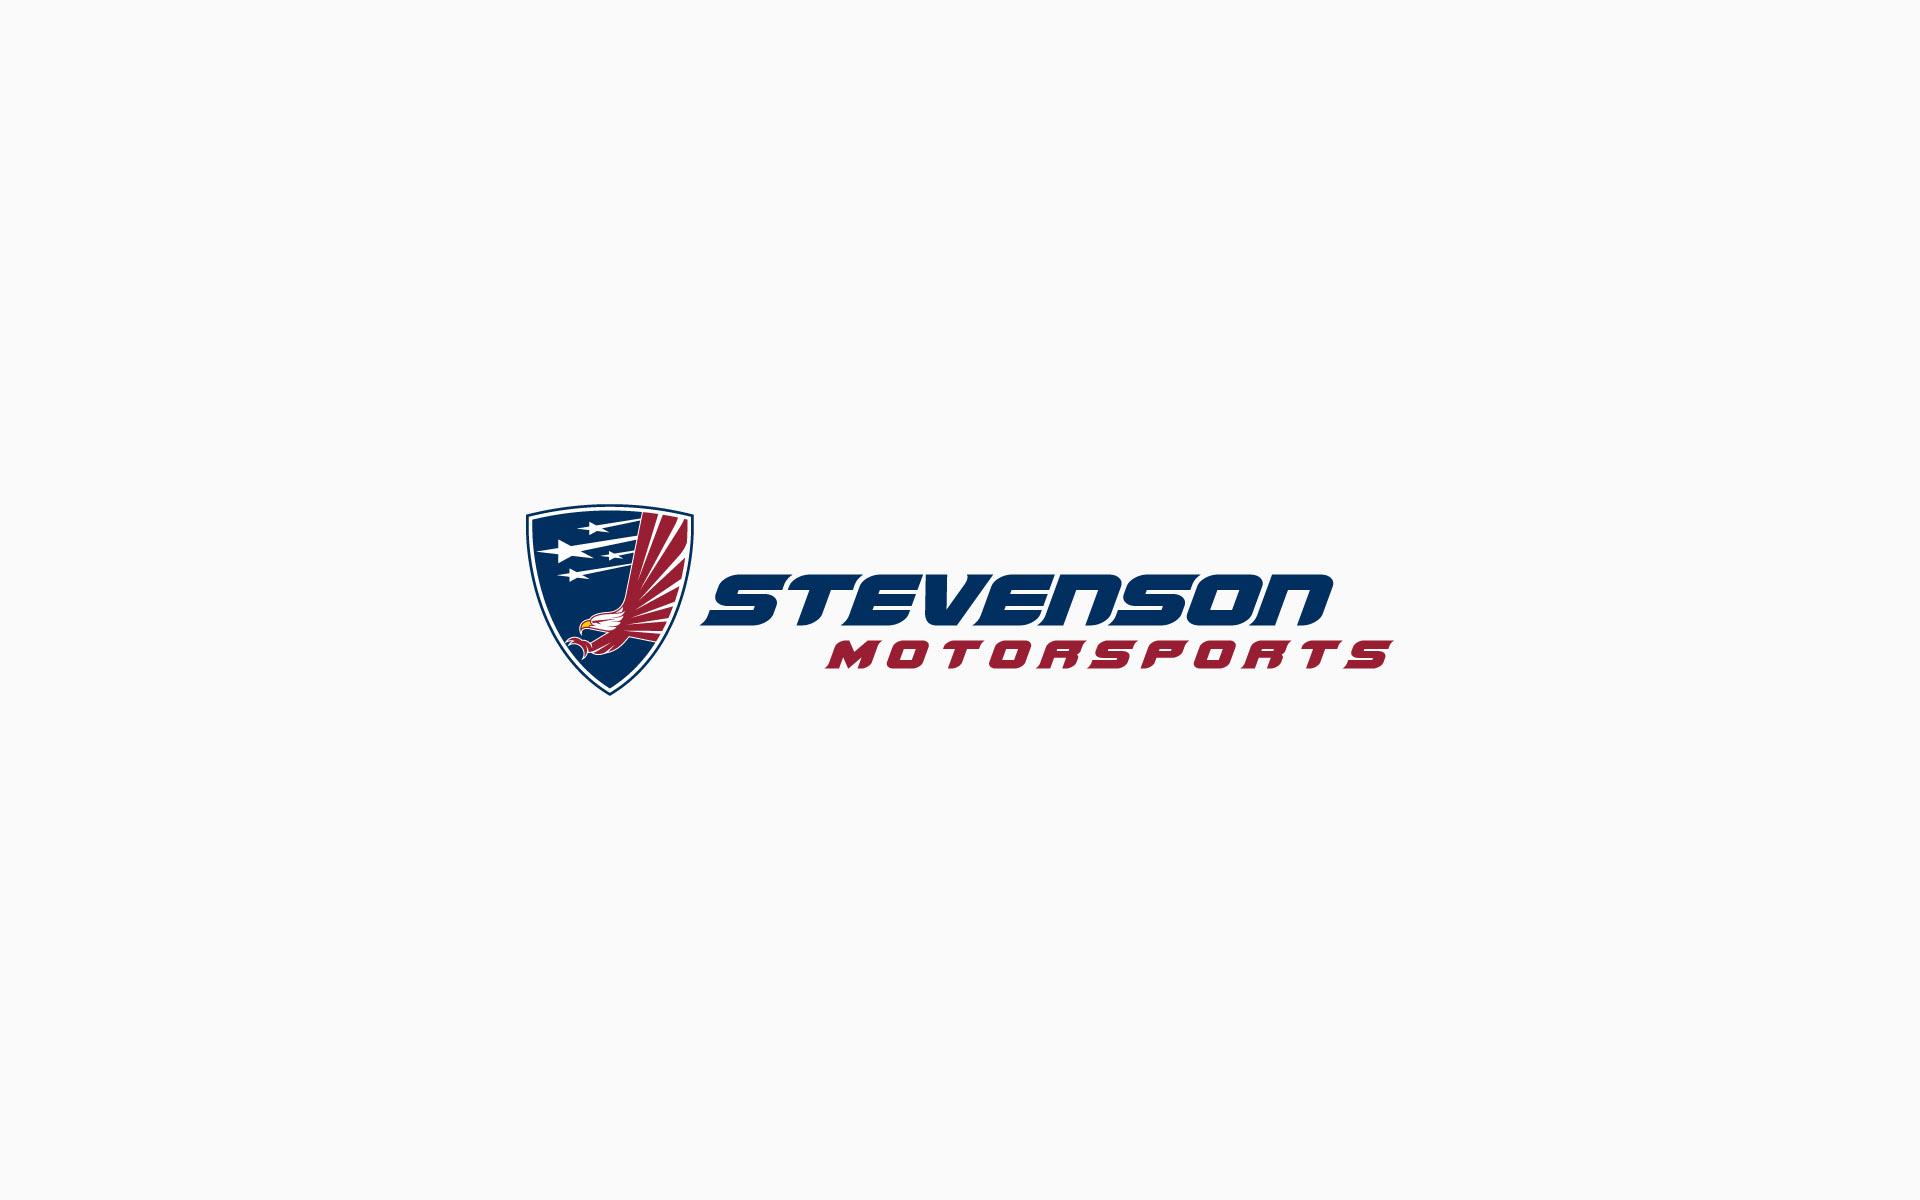 Stevenson Motorsports Brand Identity